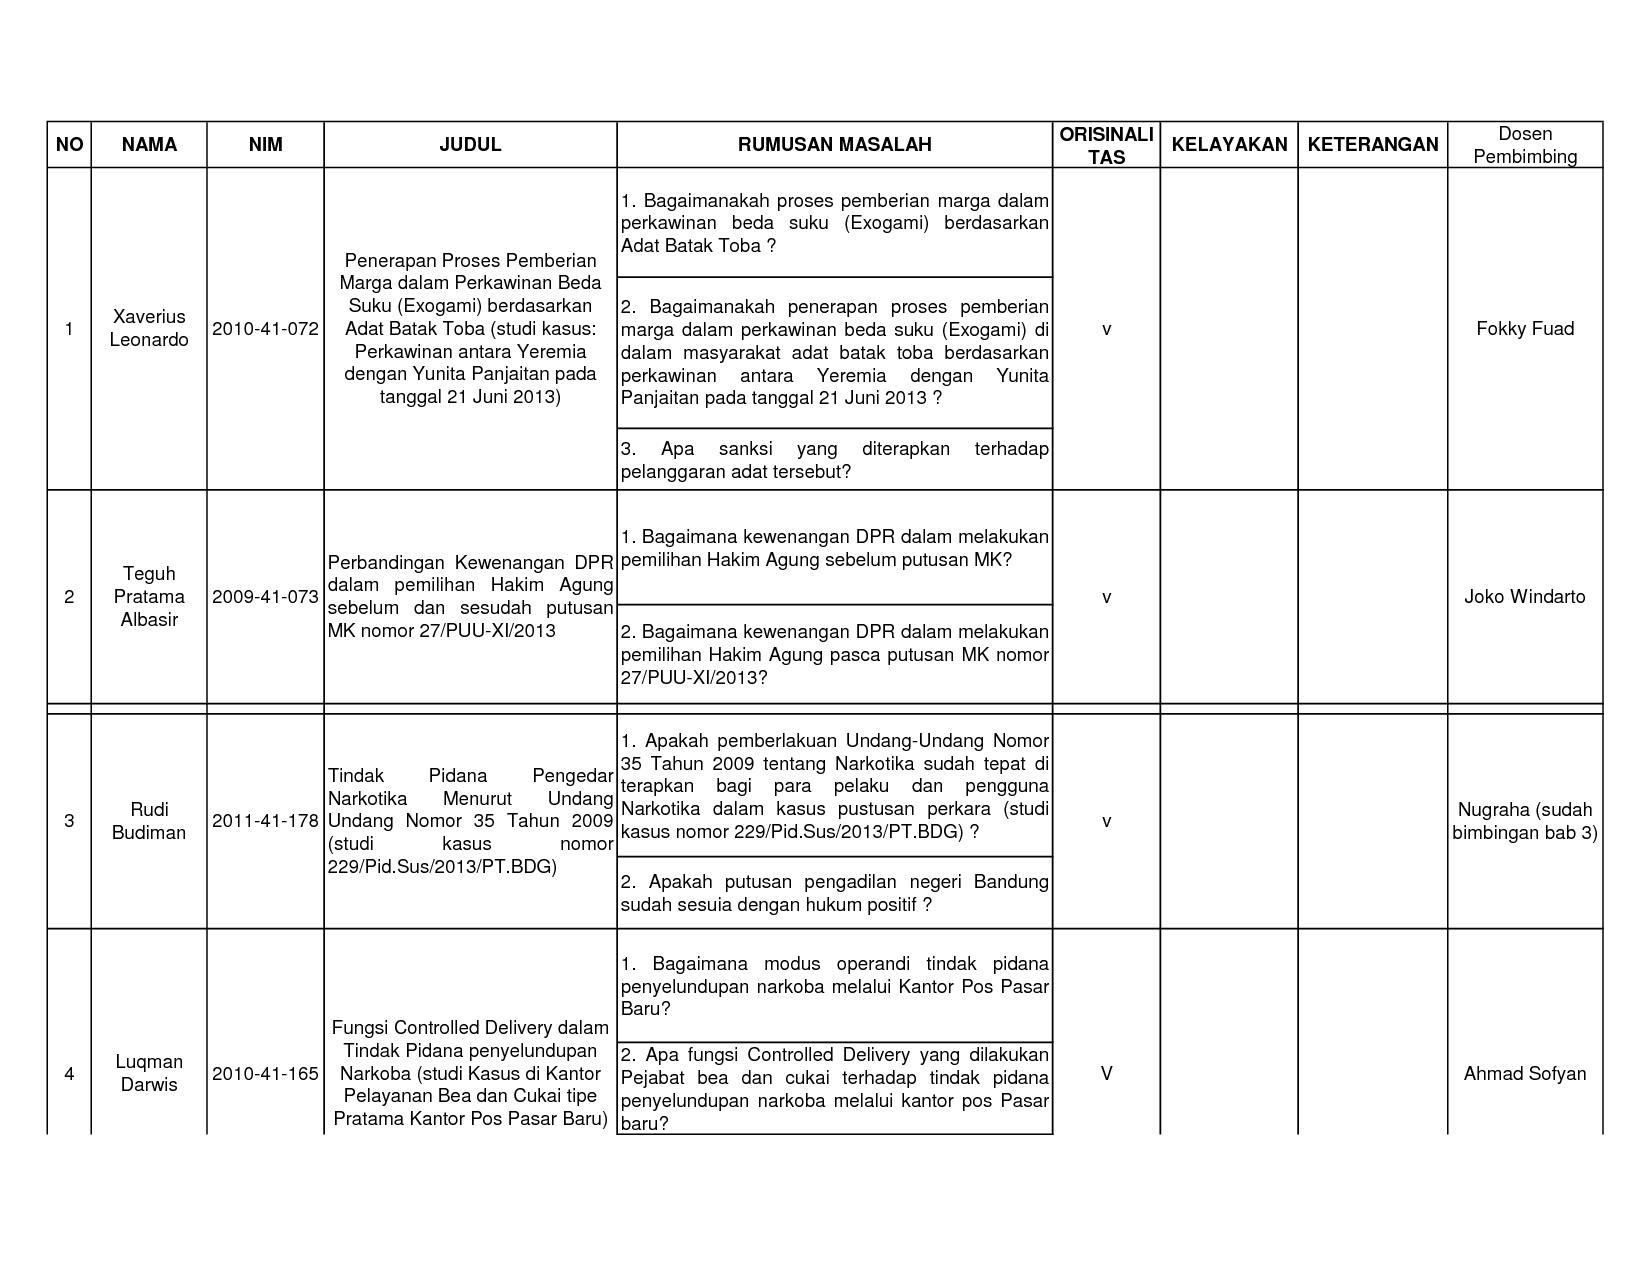 Outline Skripsi Mahasiswa Fakultas Hukum Sem Genap 2013 2014 Per